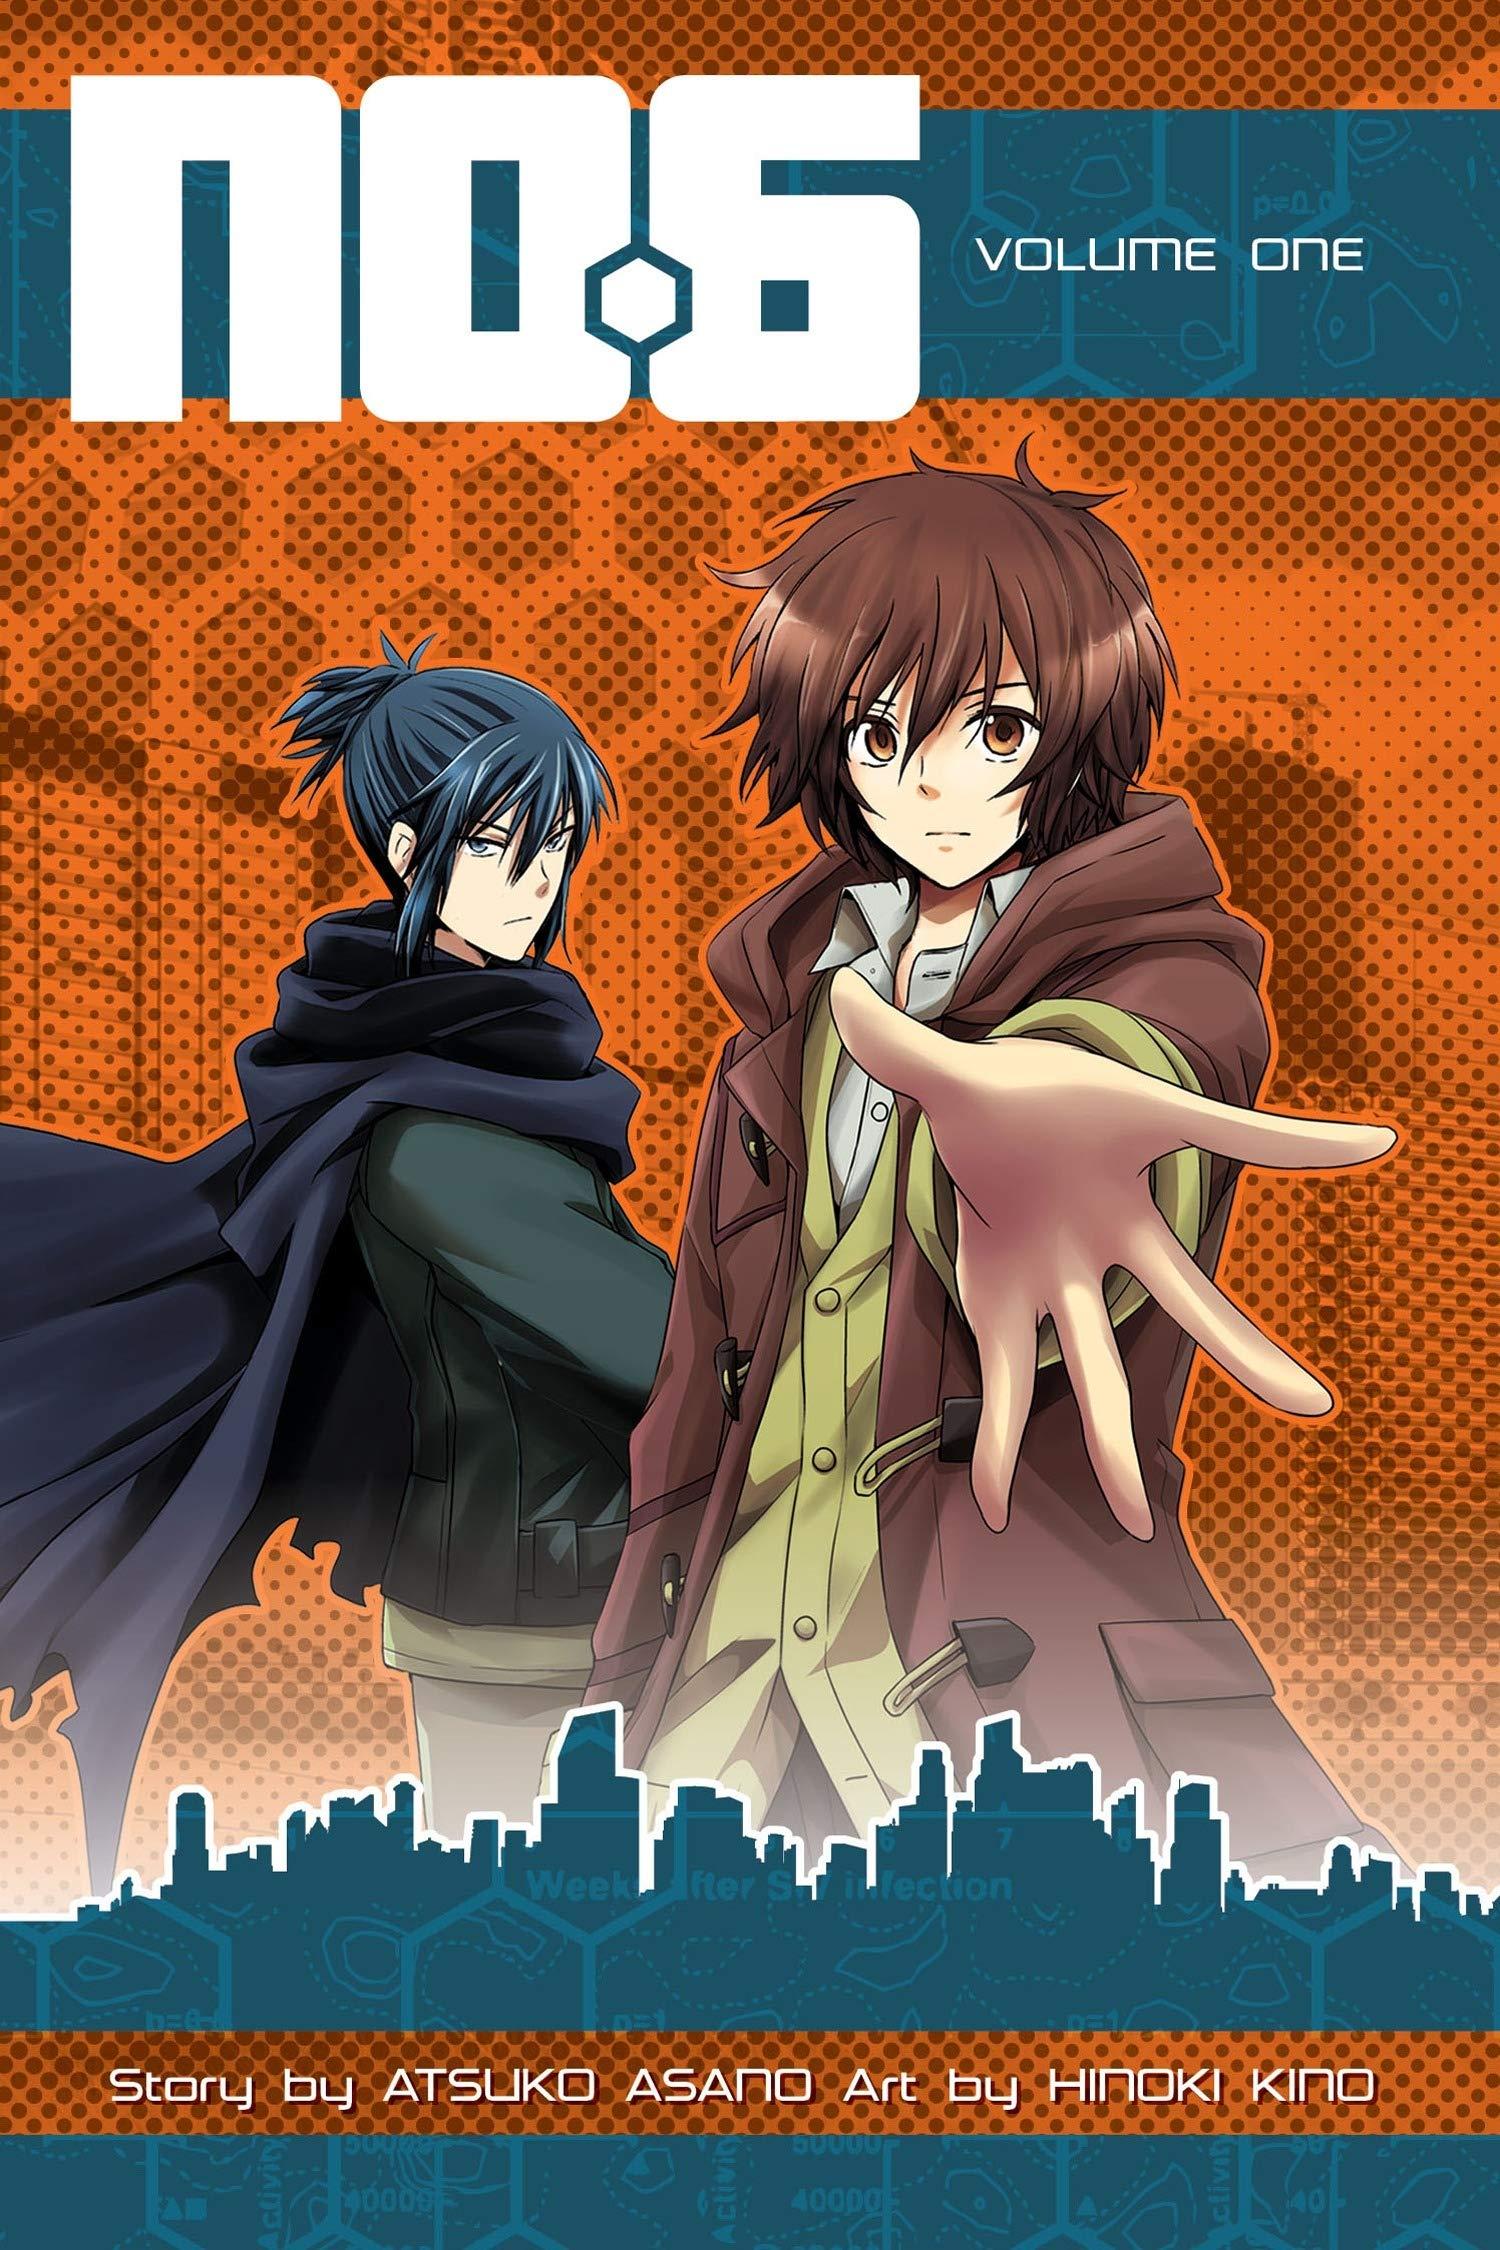 Amazon.com: No. 6 Volume 1 (9781612623559): Asano, Atsuko, Kino, Hinoki:  Books